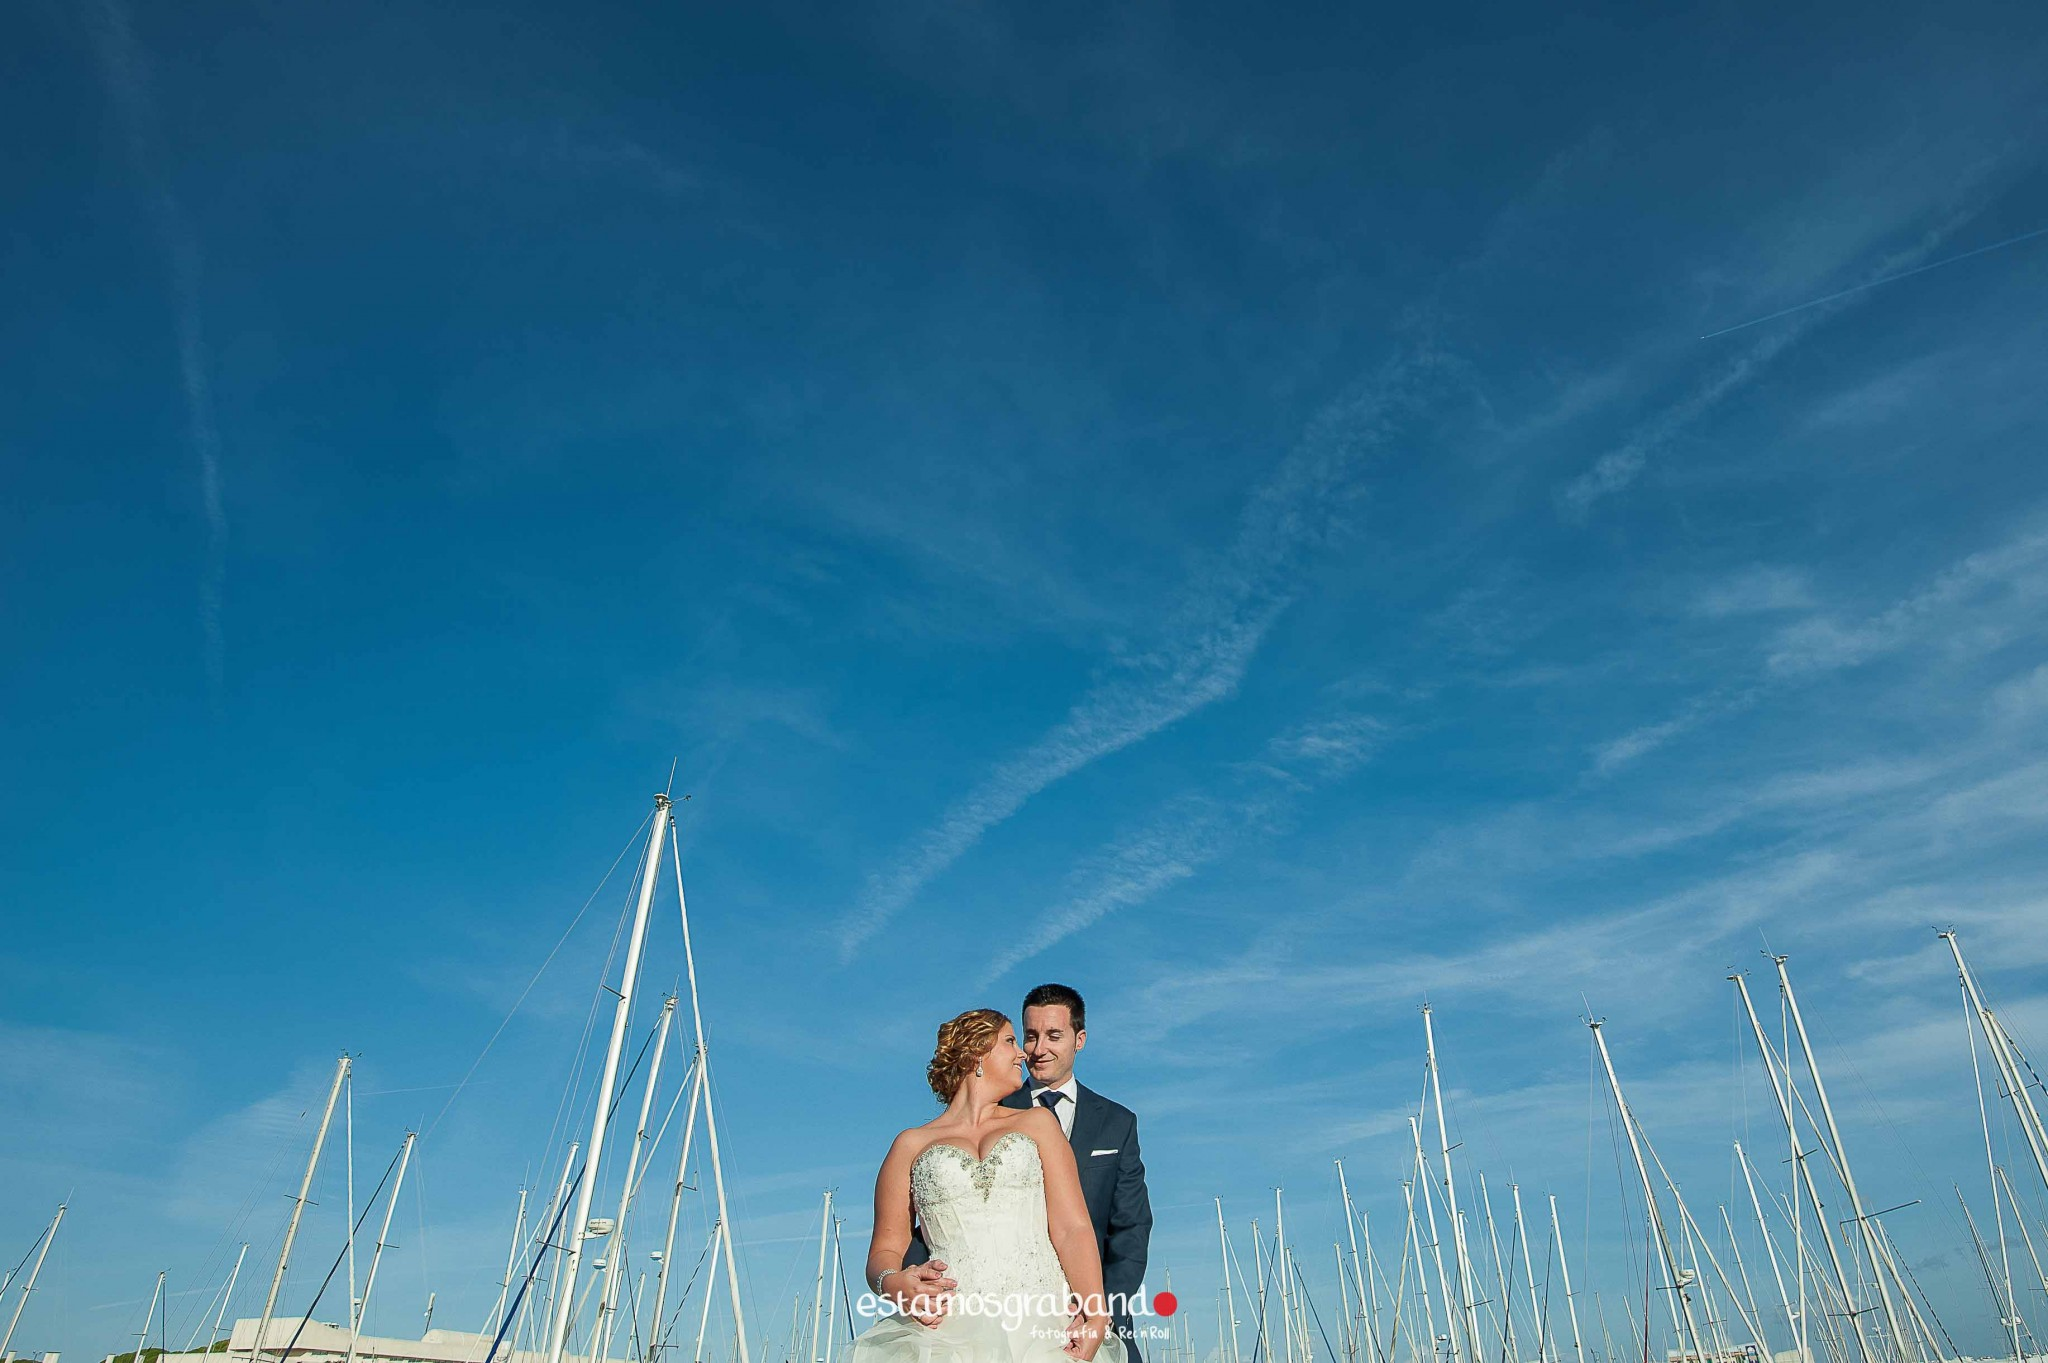 isa-sergio-65 De toda la vida [Isa & Sergio_Fotografía de Boda en Jerez de la Frontera] - video boda cadiz